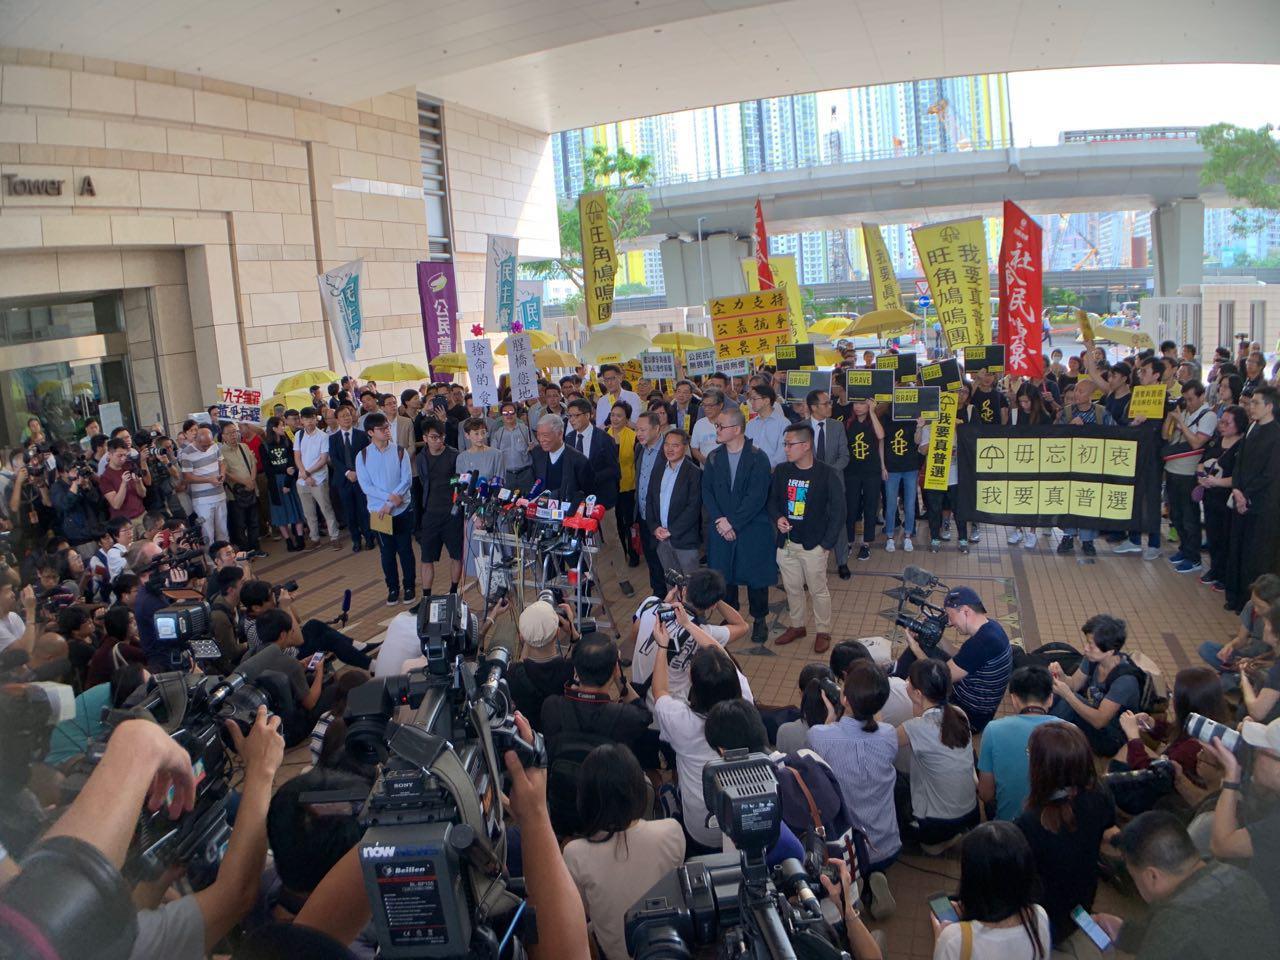 大批支持者及中外傳媒擠滿法庭外。(李逸/大紀元)